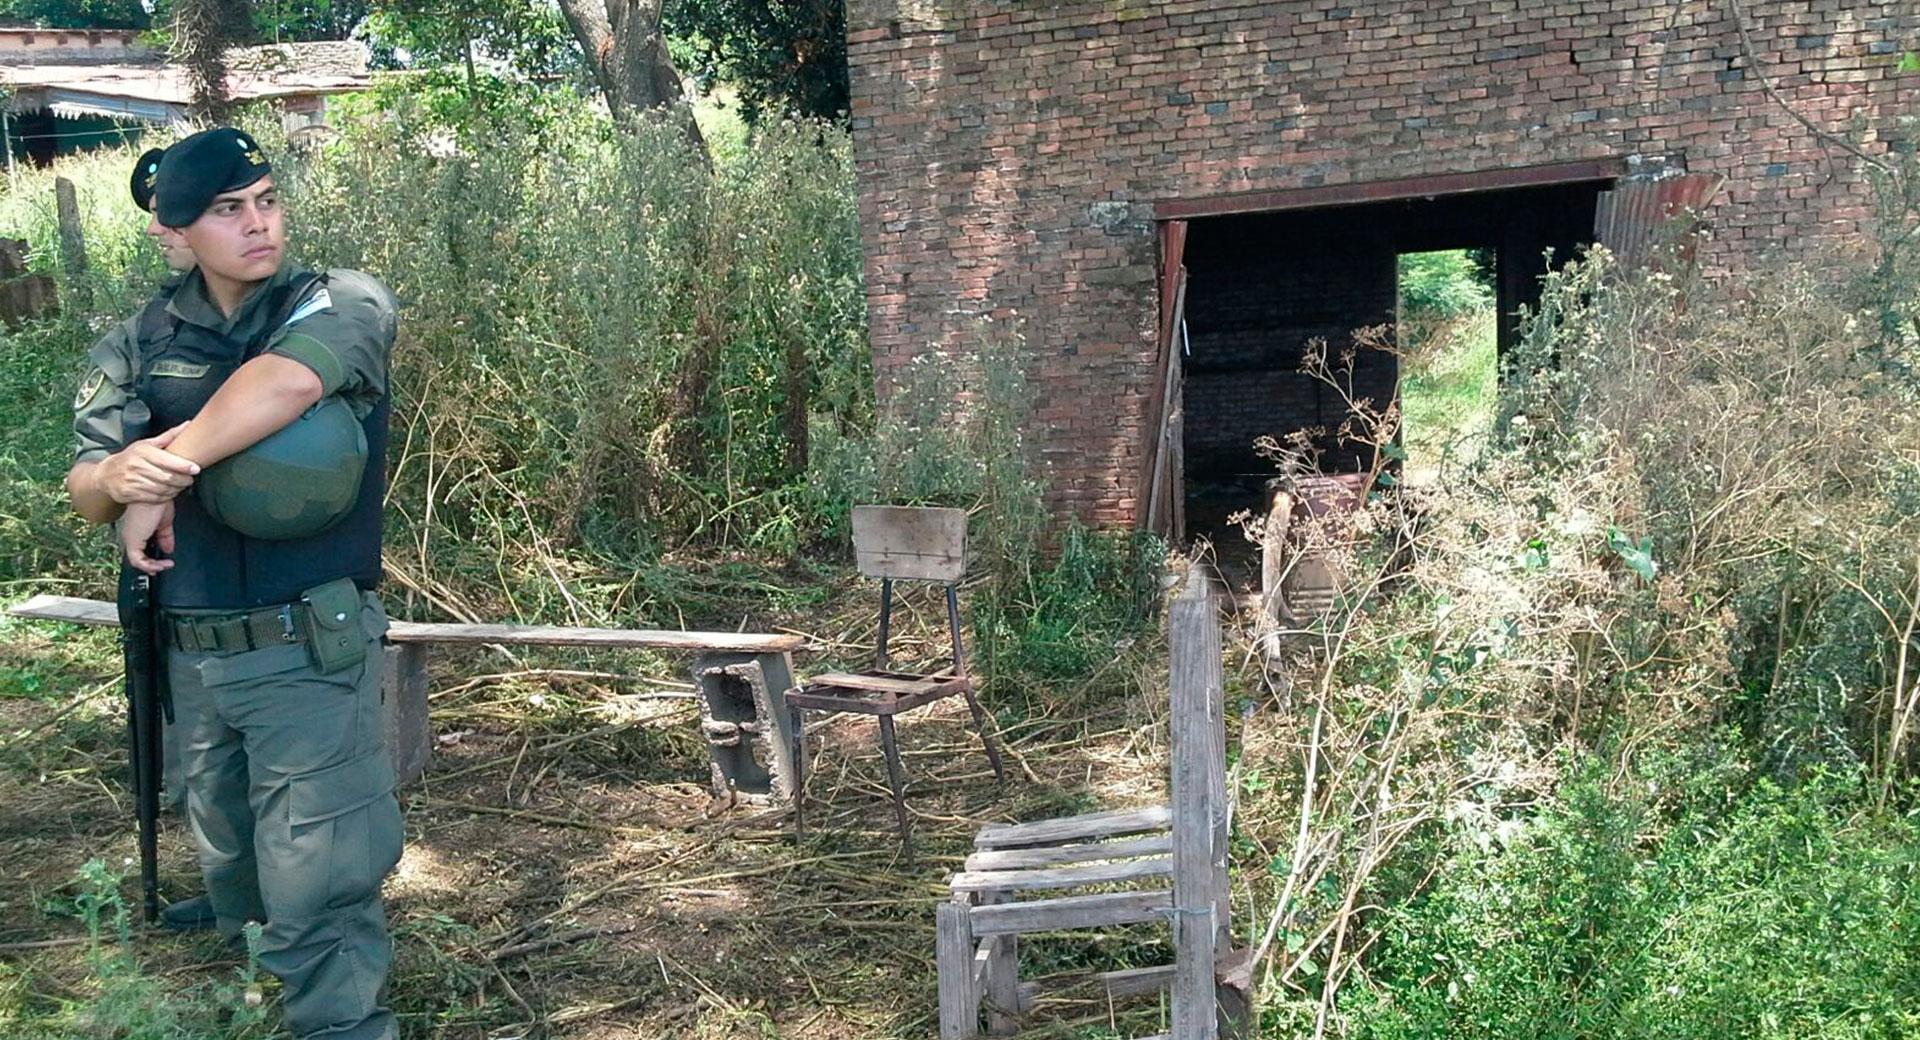 En la construcción había un calentador y restos de comida y agua.